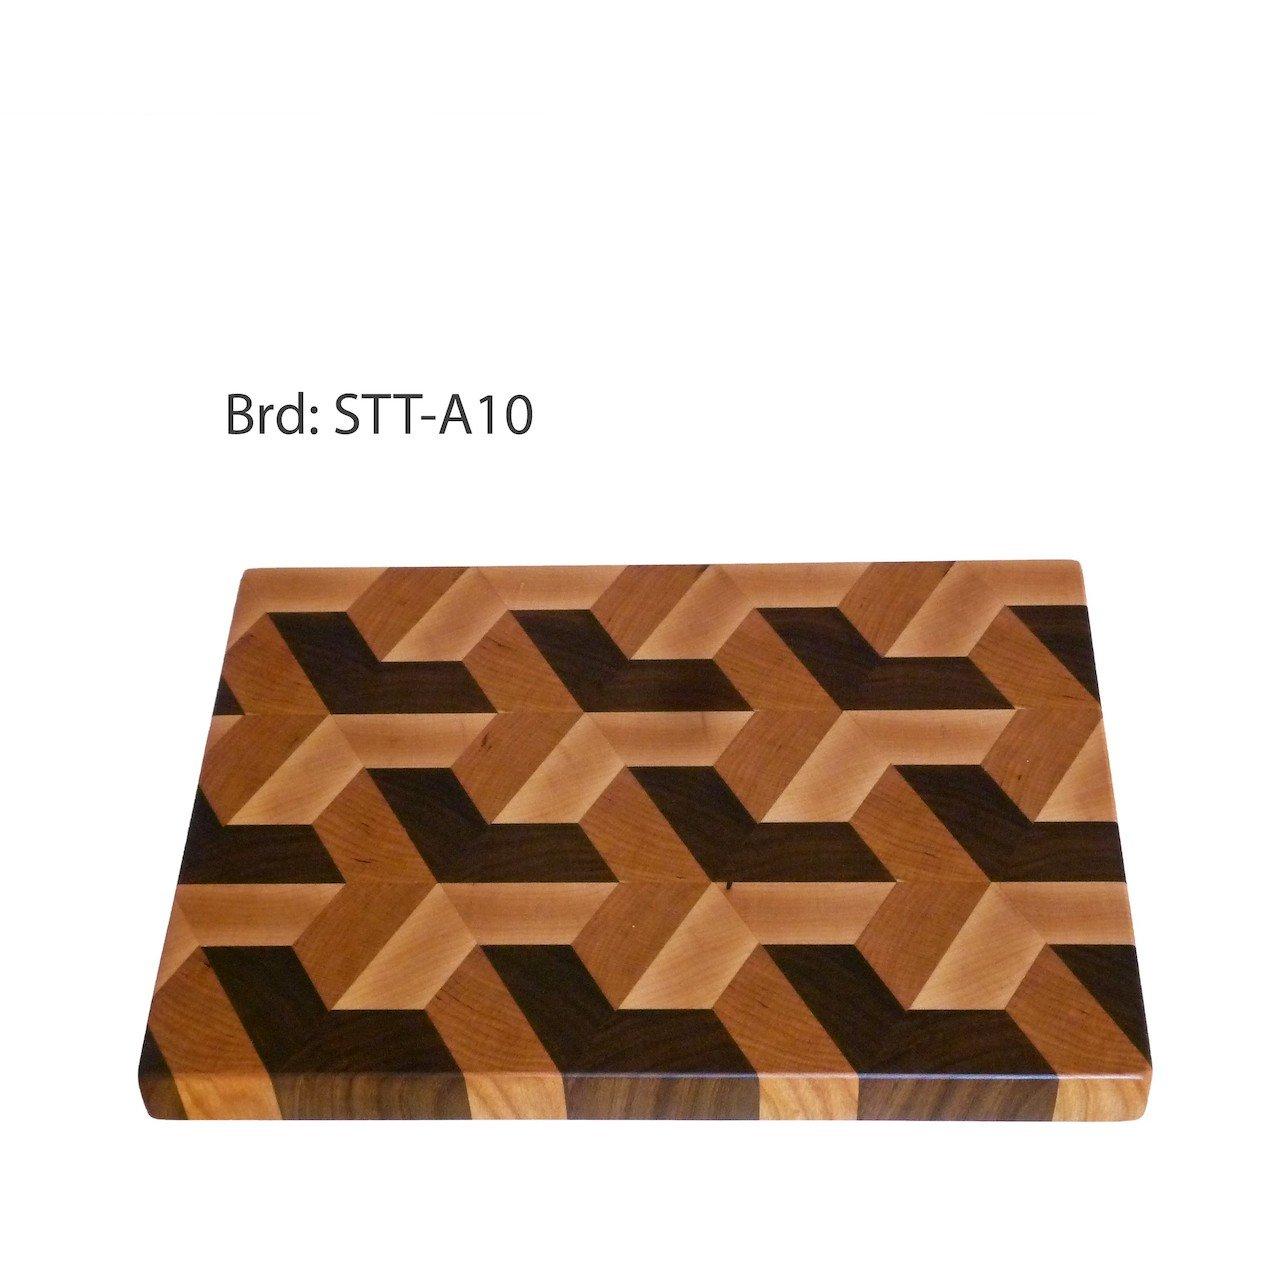 STTT-A10